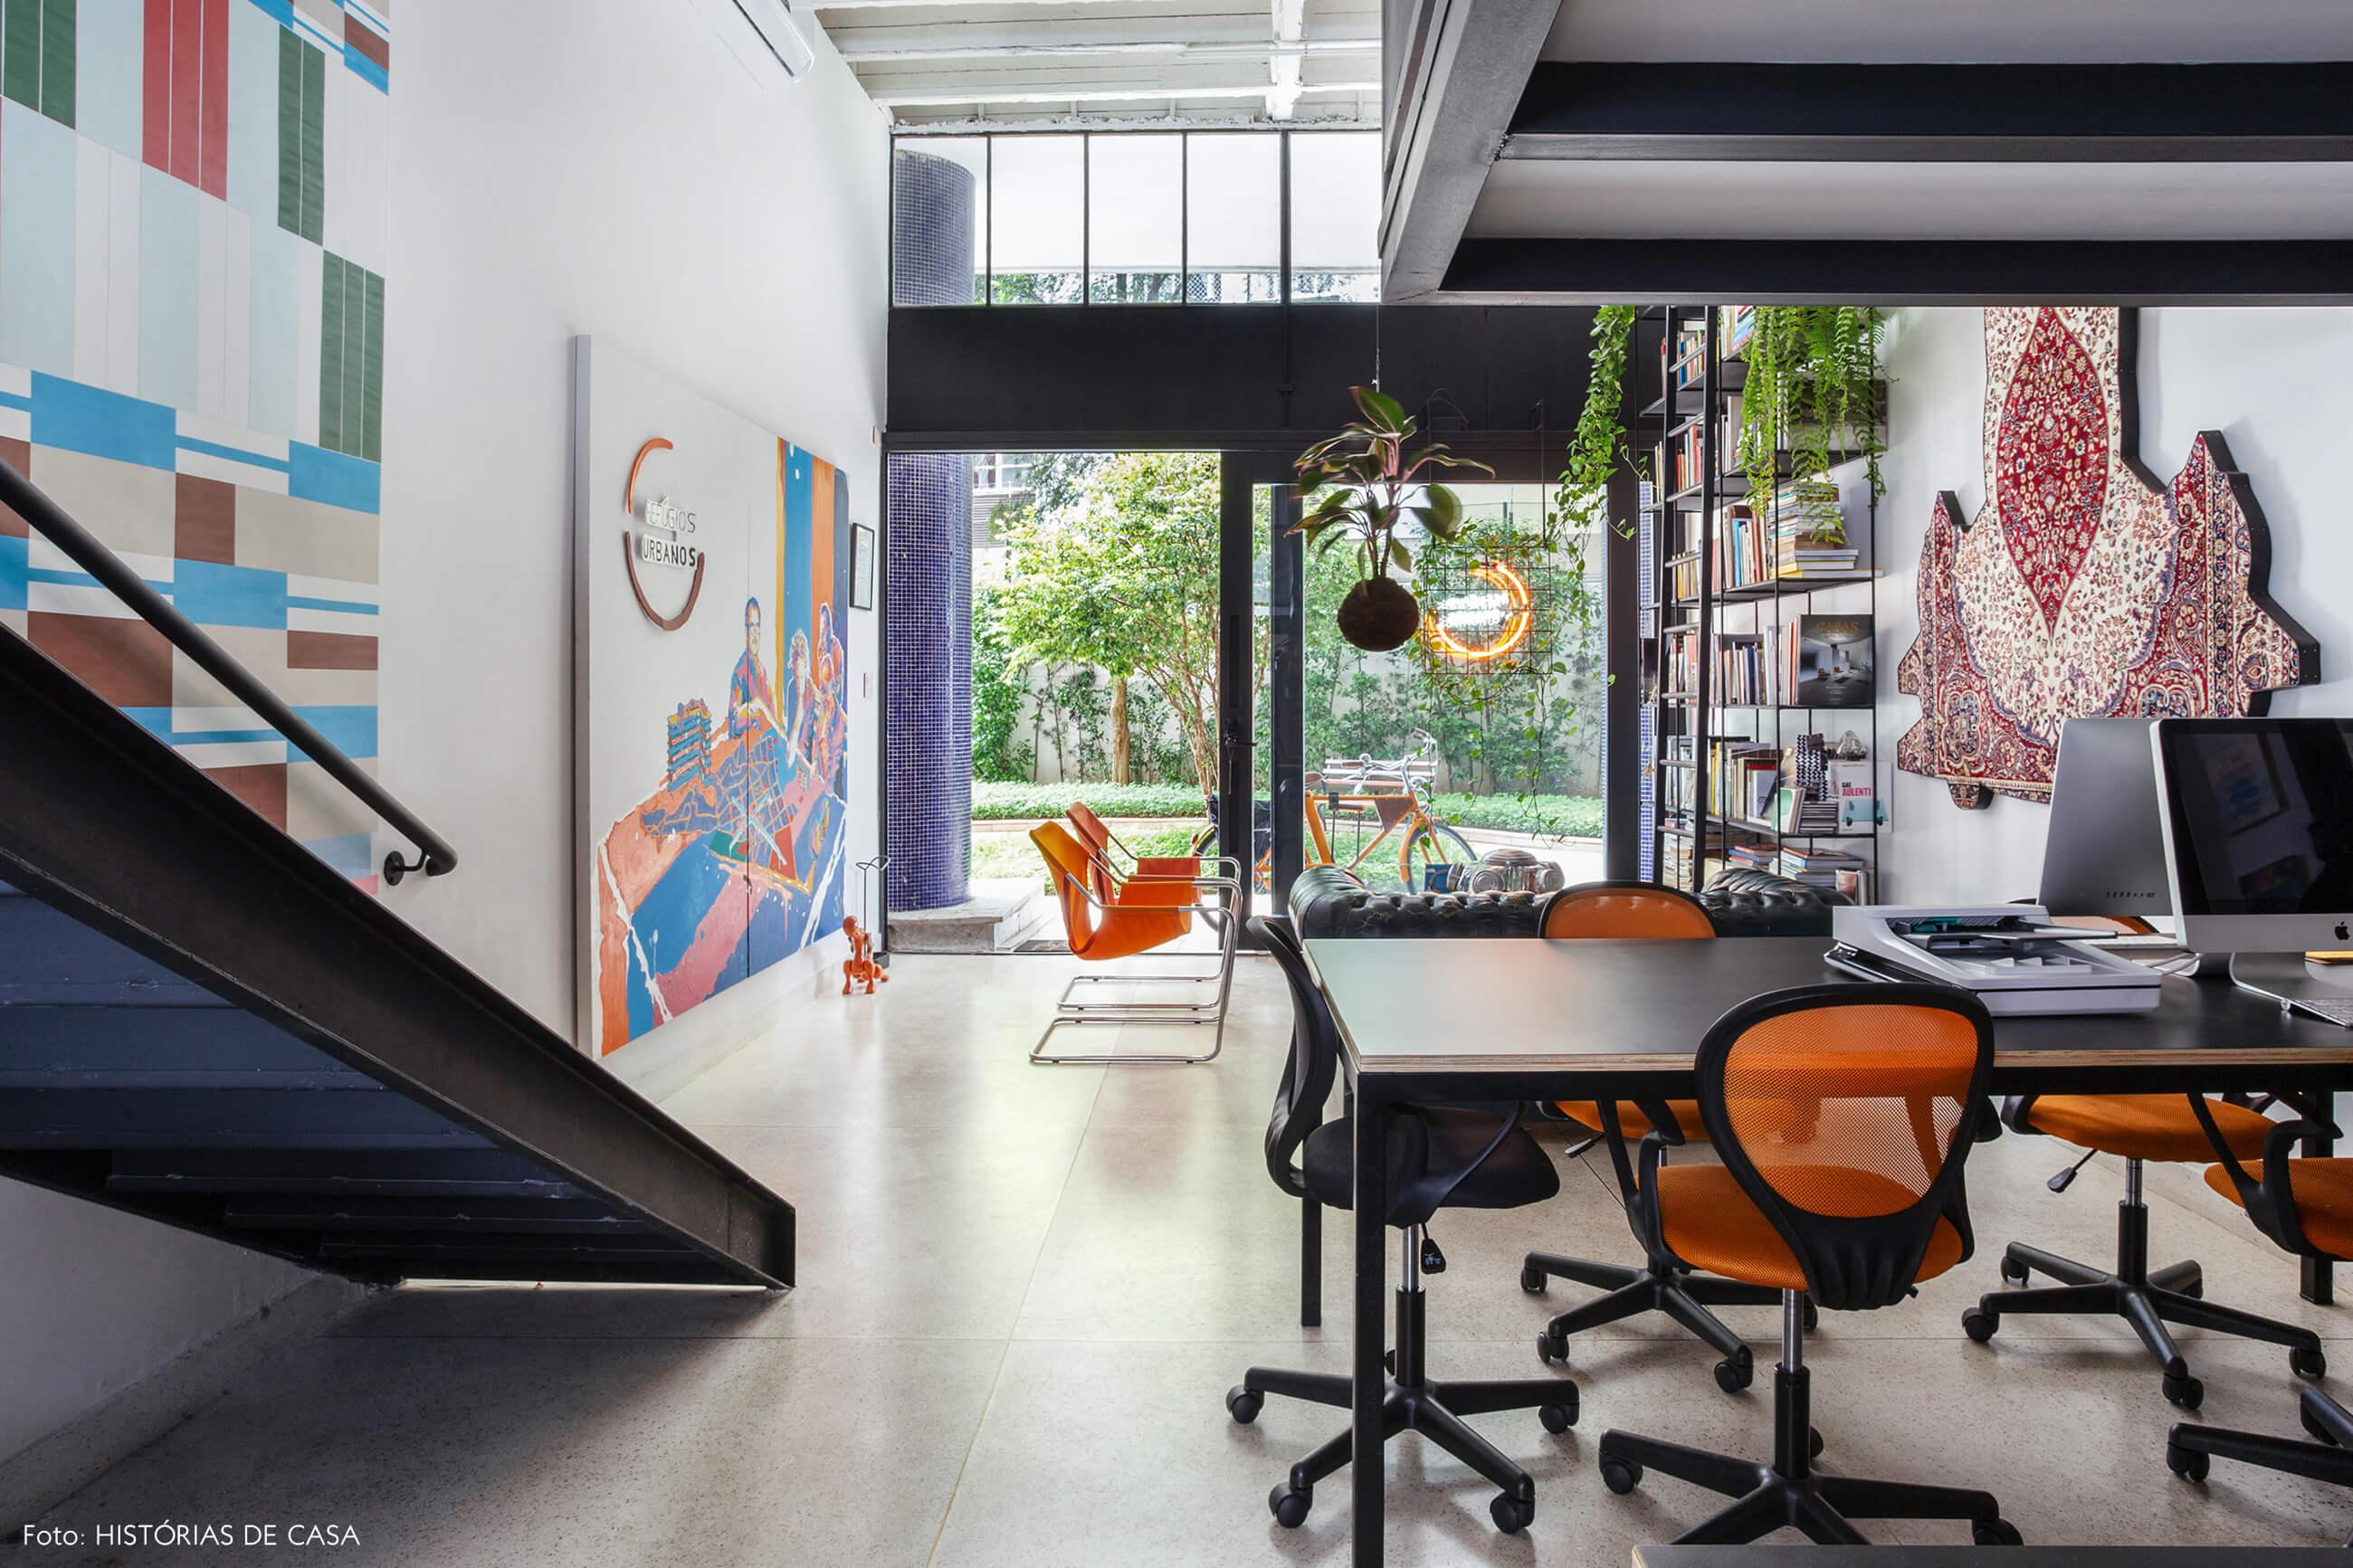 Novo escritório da imobiliária Refúgios Urbanos, no térreo de um prédio residencial